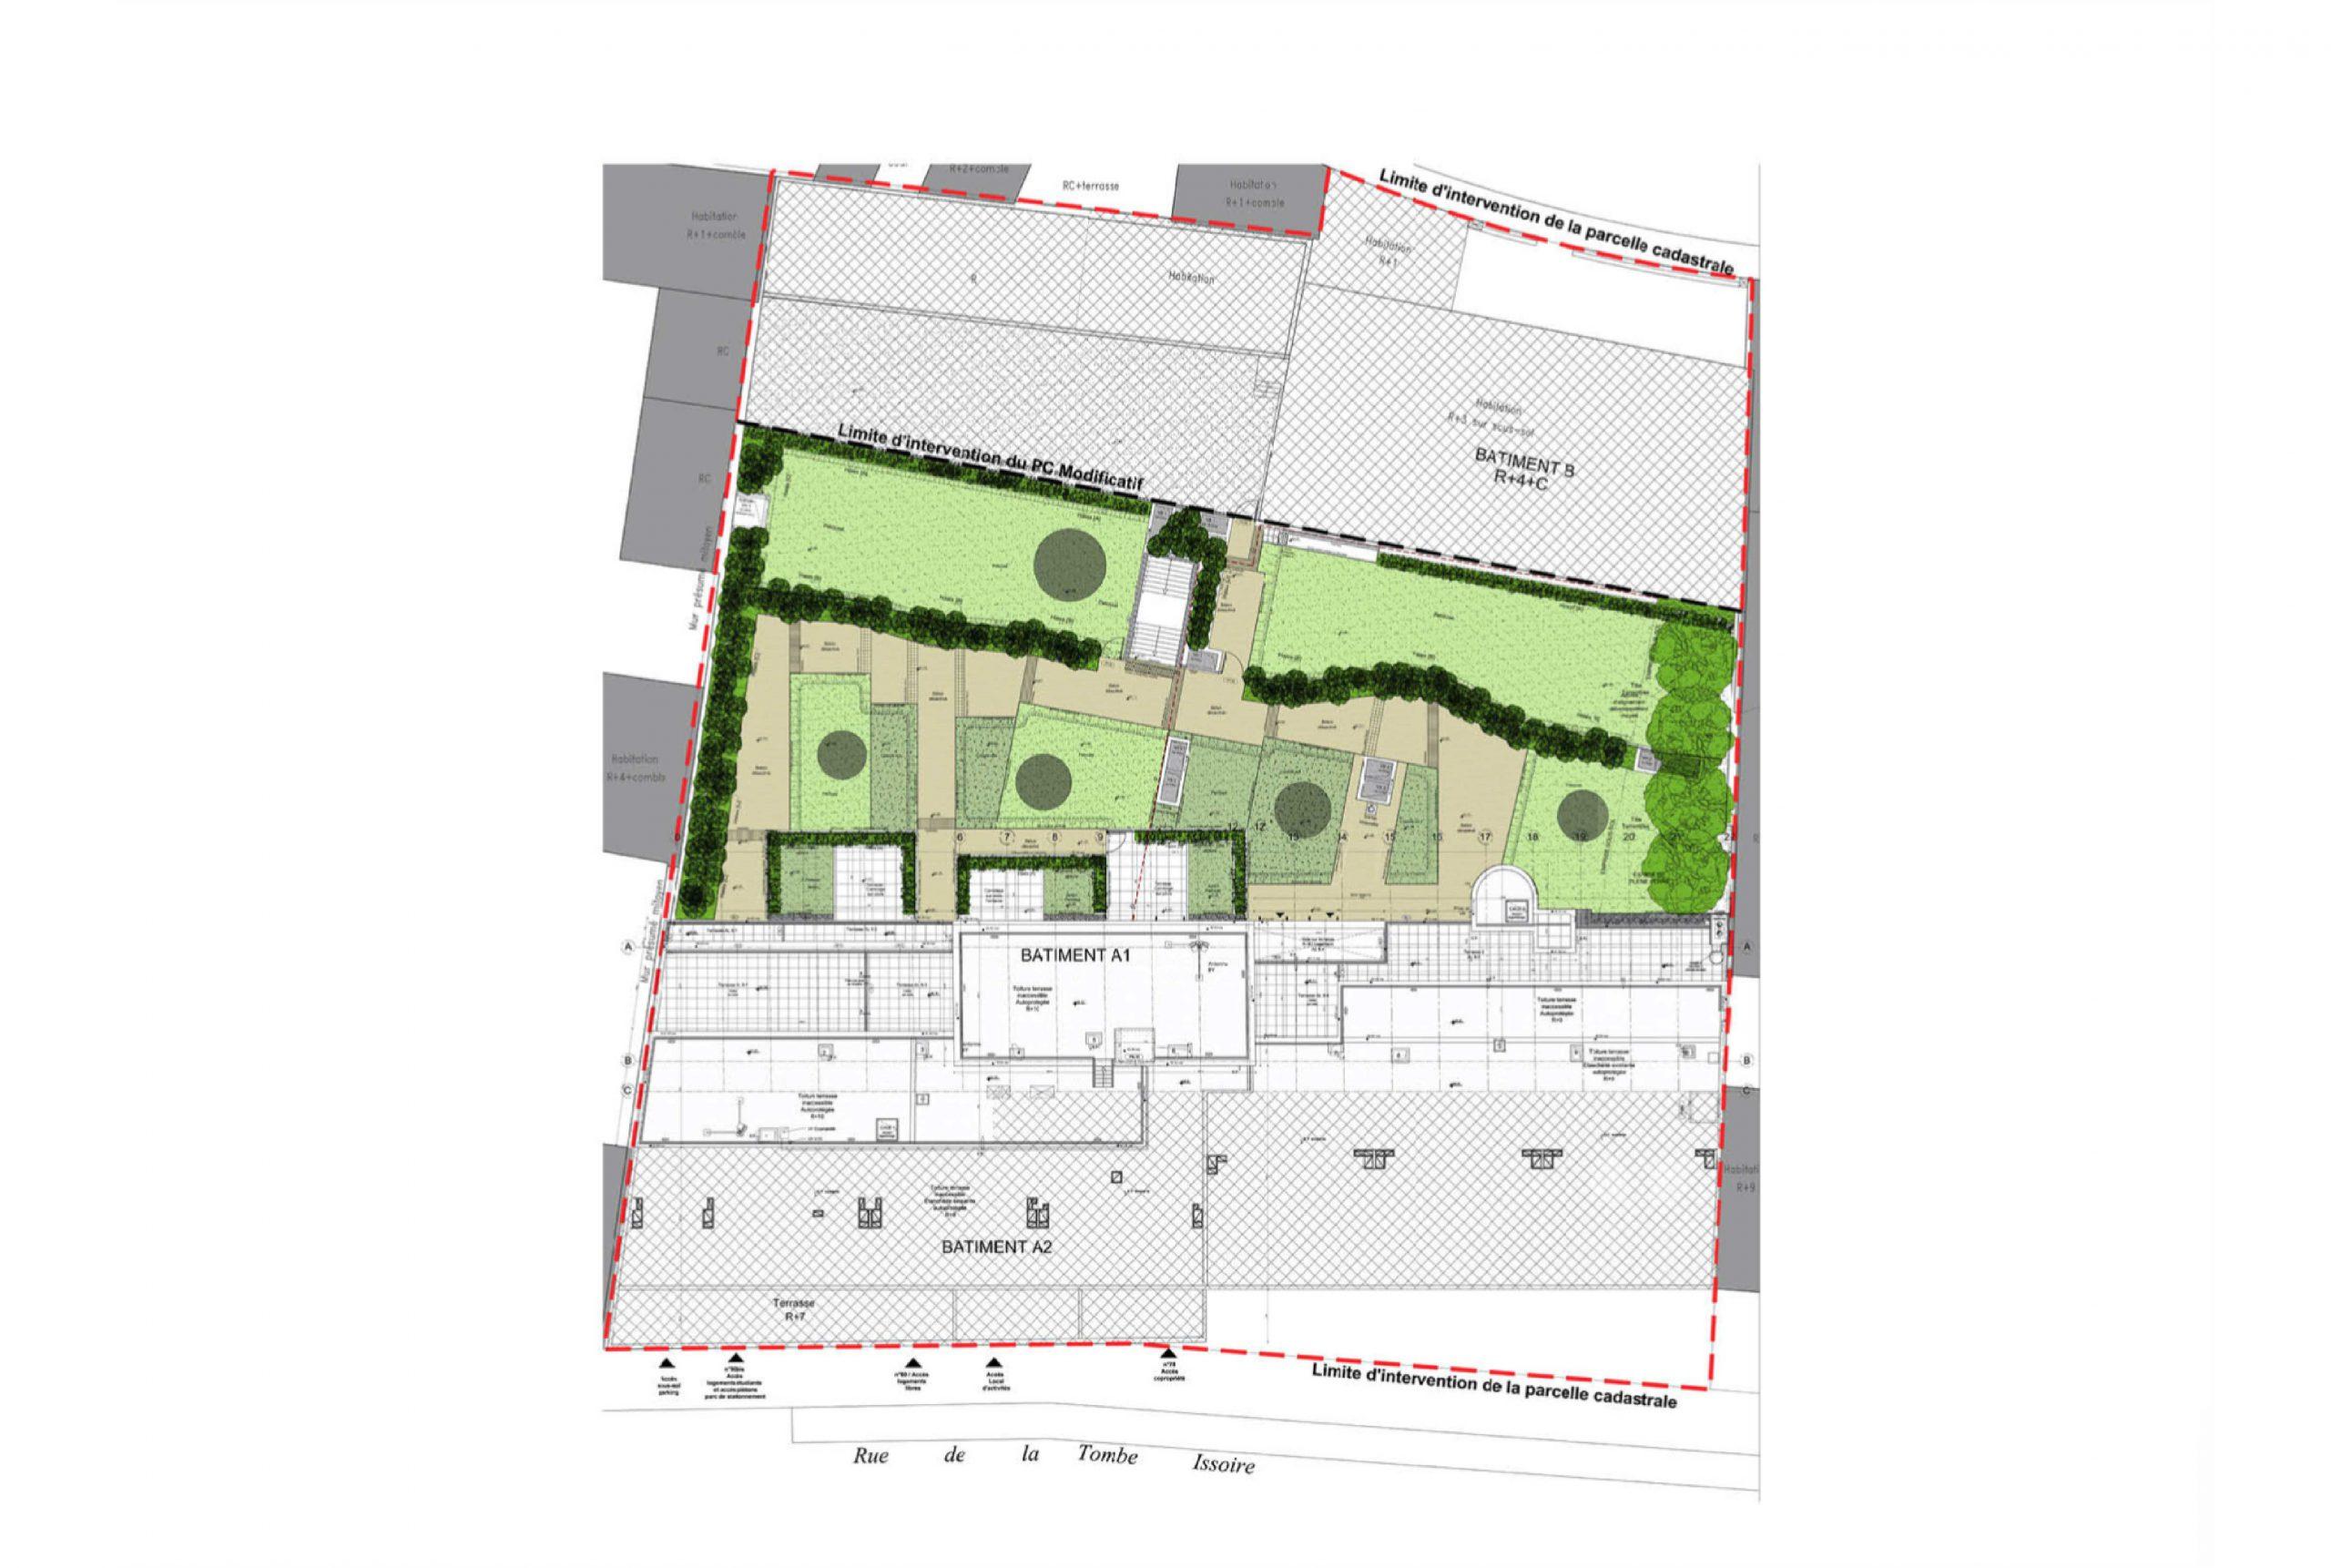 Projet logement Tombe Issoire 5 par Atelier JS Tabet